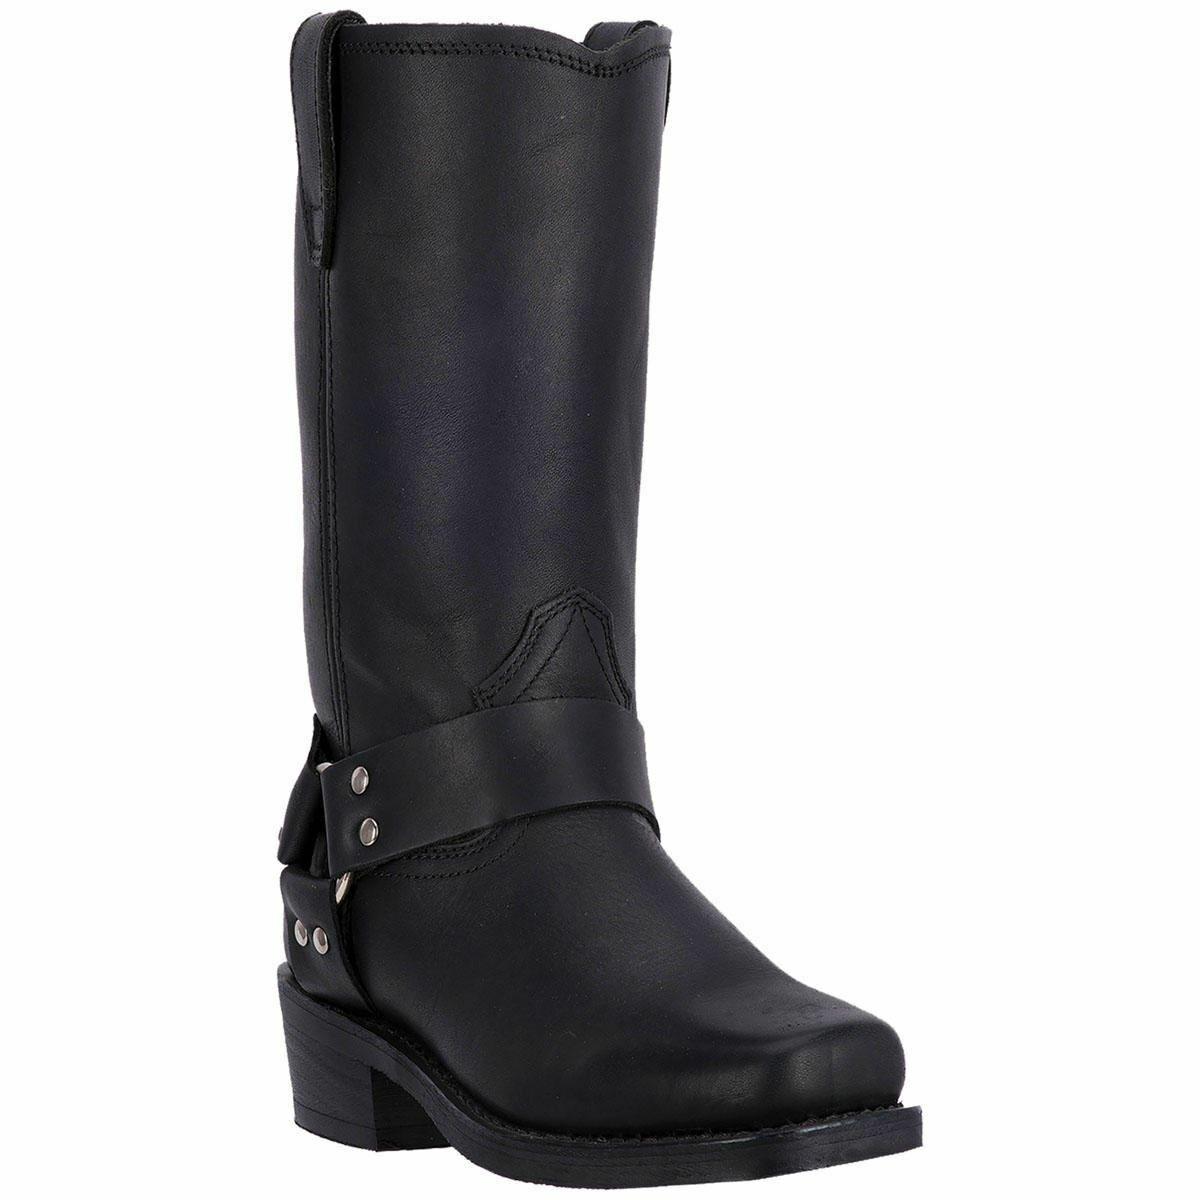 Dingo hombre cuero botas de vaquero occidental DI19057 Negro